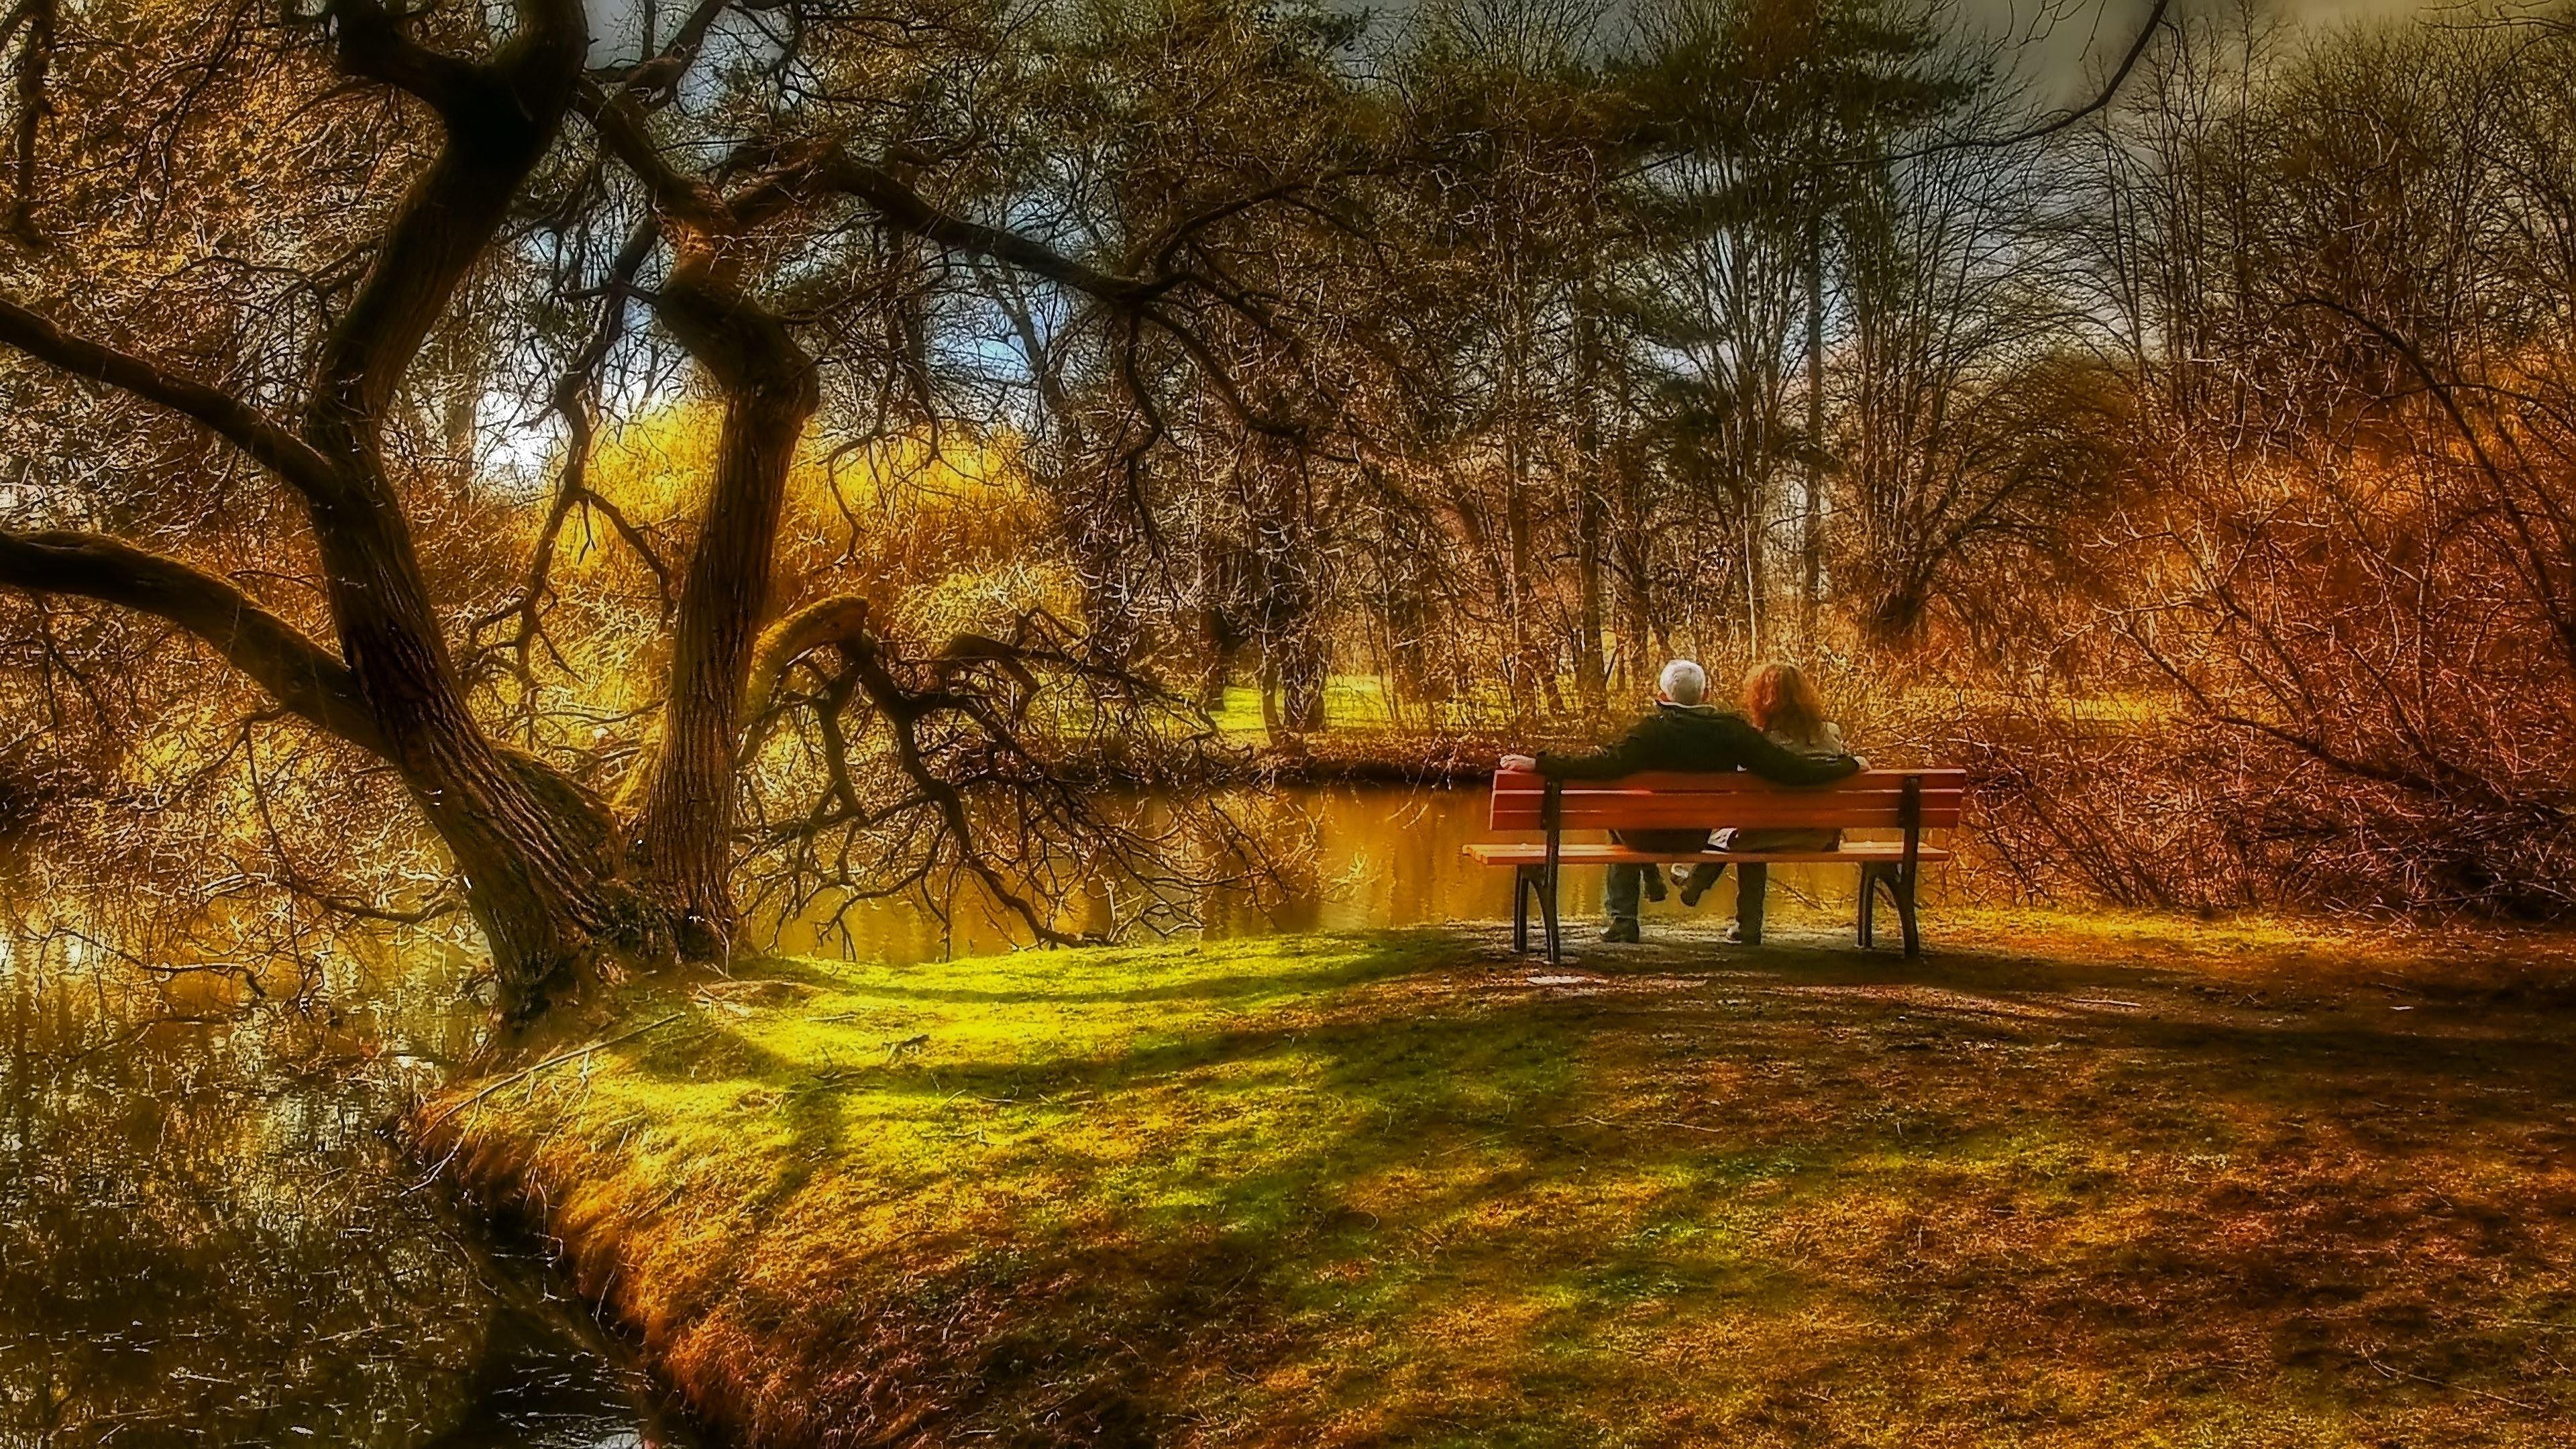 Herbst kostenlos desktop hintergrundbilder Hintergrundbild Herbst